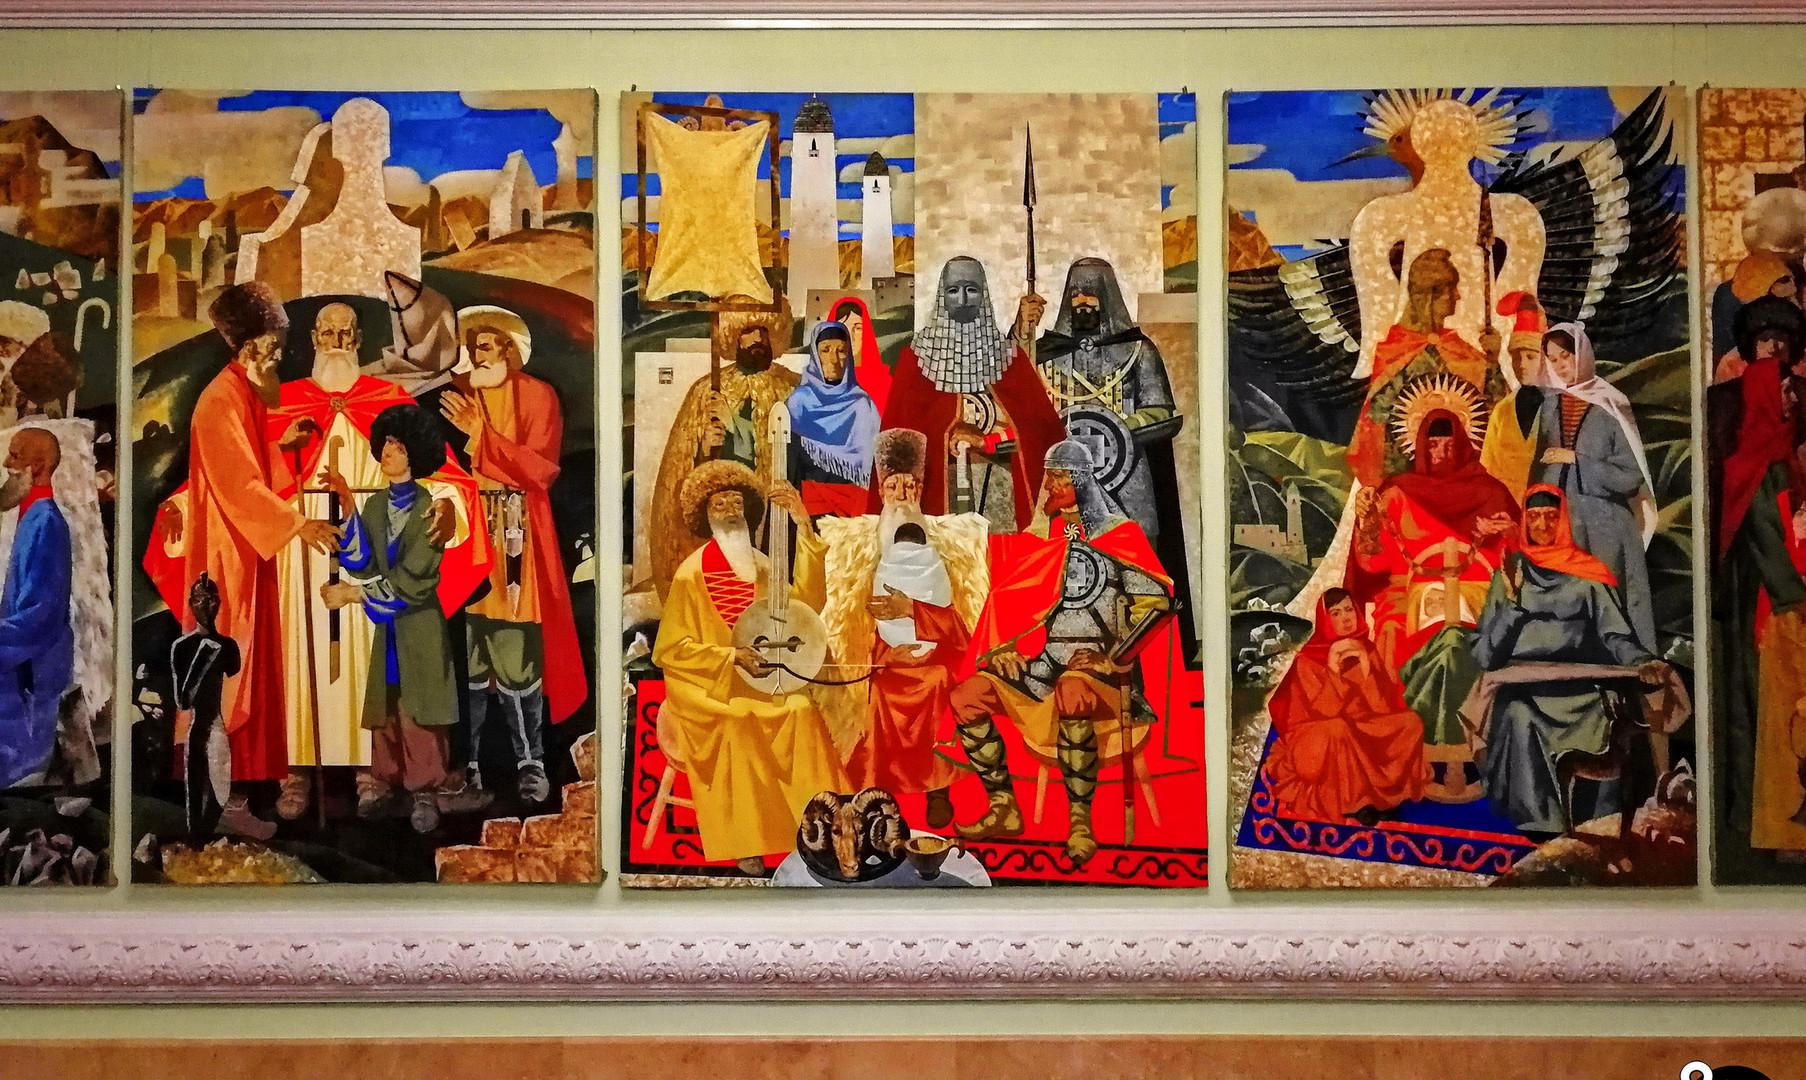 Искусство чеченского народа в музее Ахмата-хаджи Кадырова, Грозный